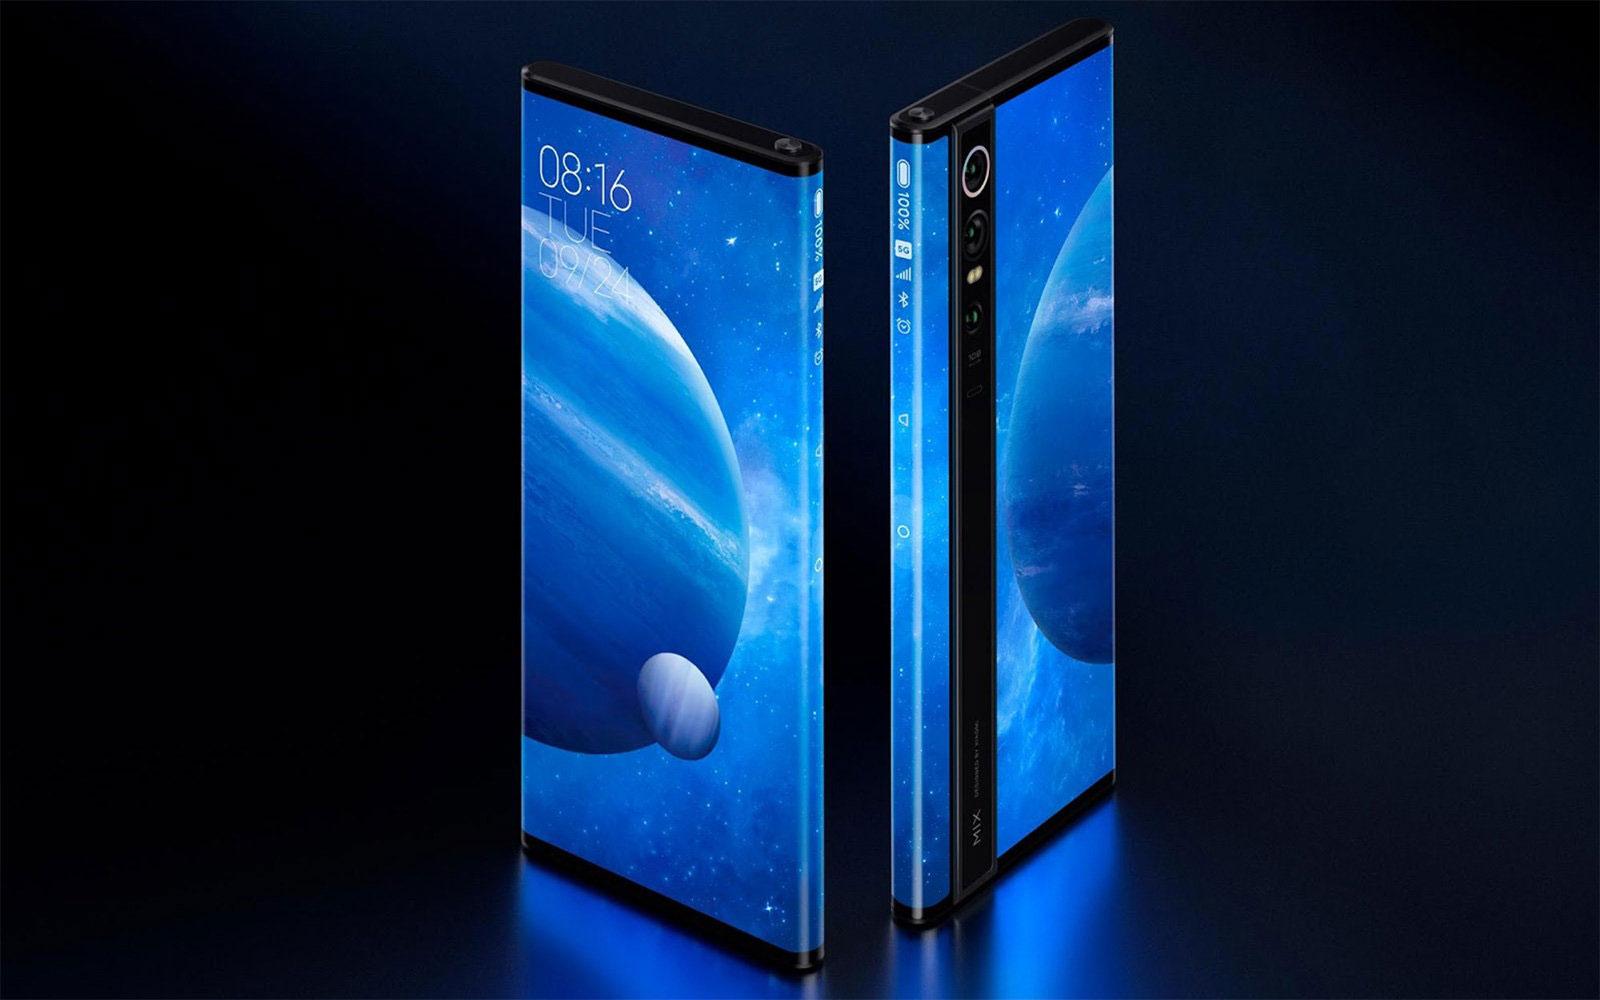 小米MIX Alpha完整规格参数公布:7.92寸OLED屏、UFS 3.0、MIUI Alpha系统